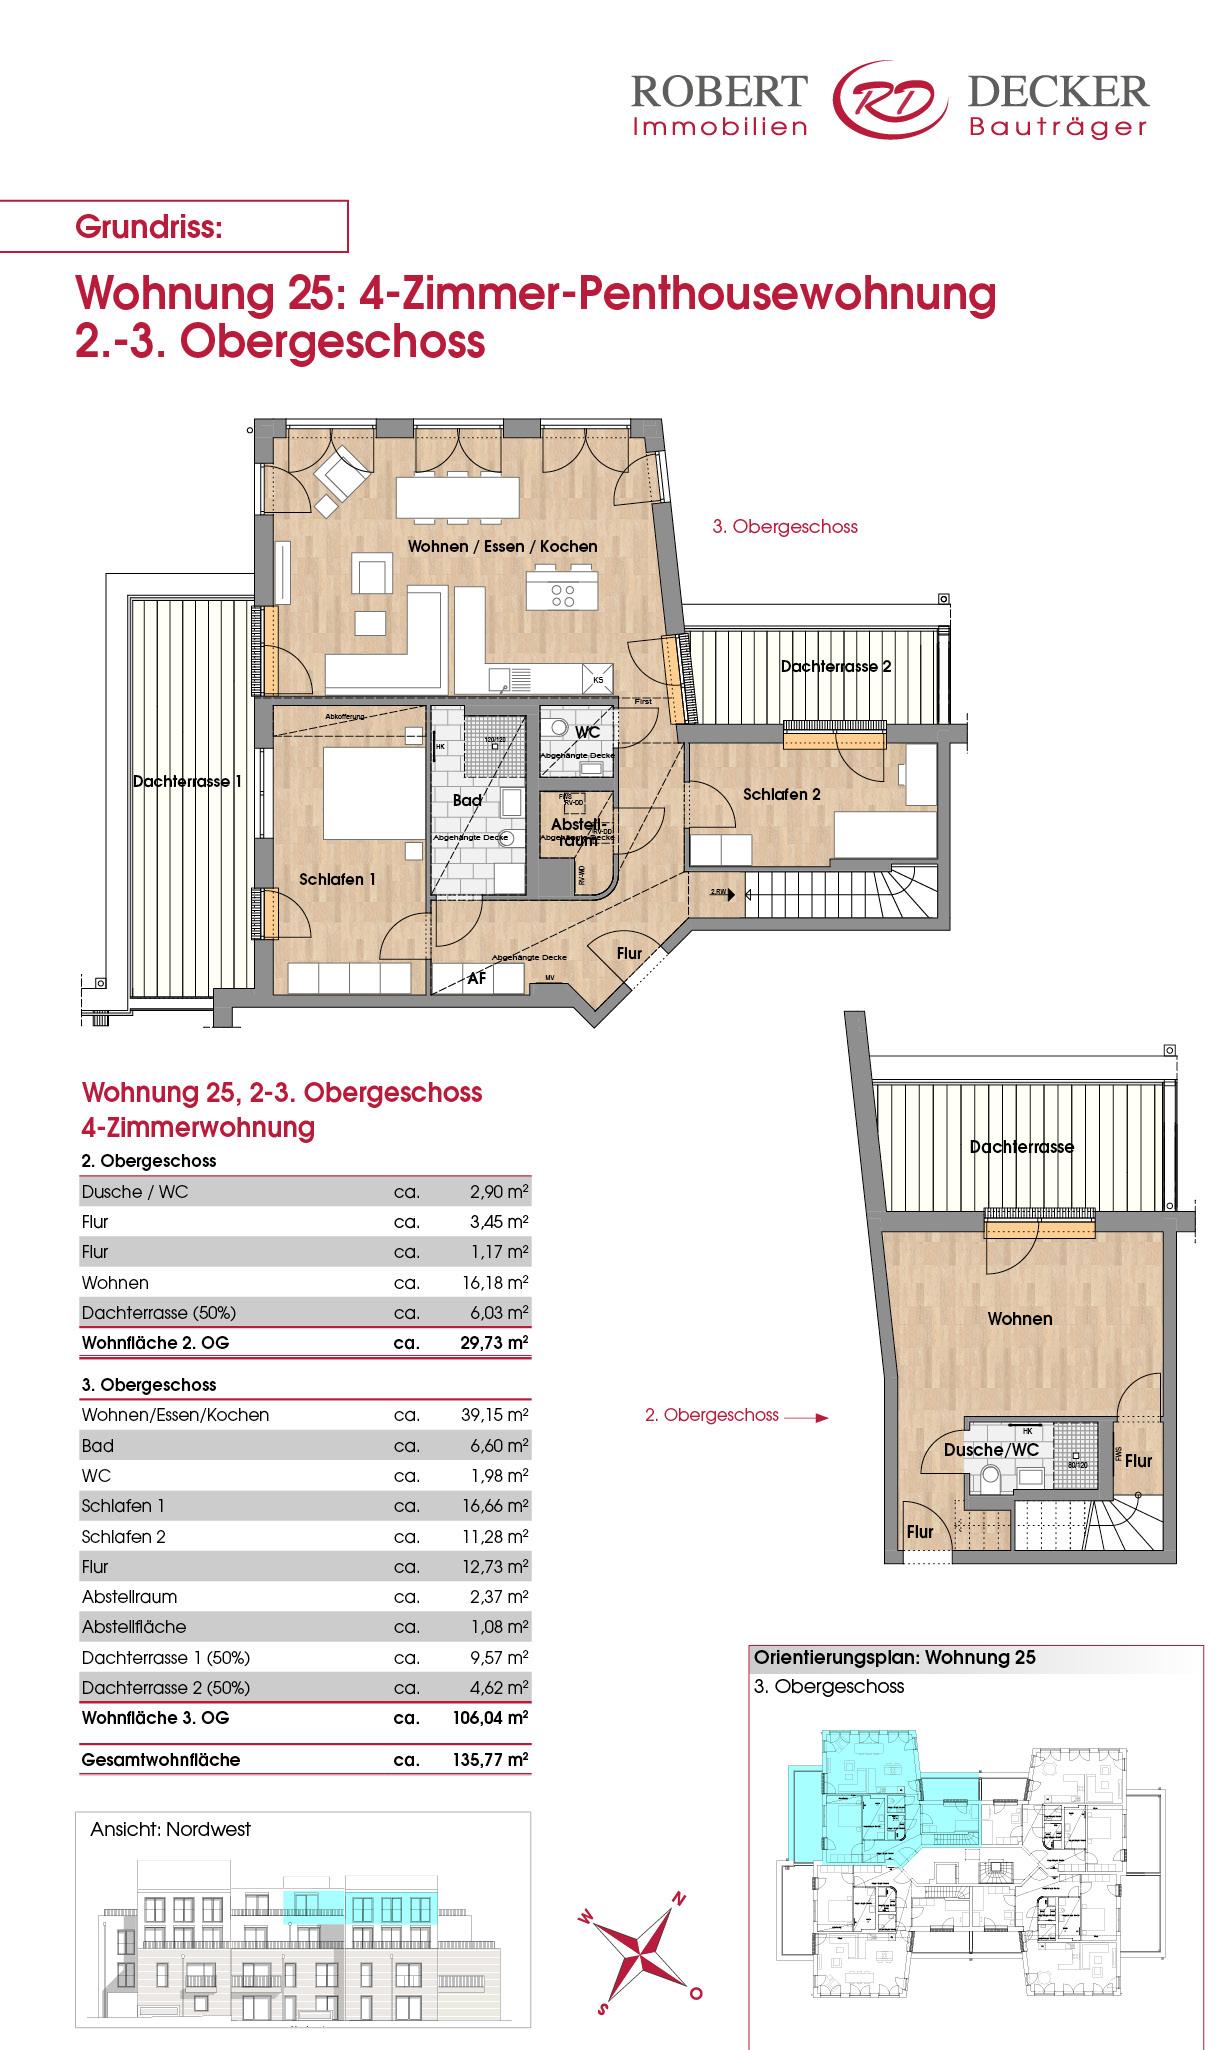 4-Zimmer-Penthousewohnung, Whg. 25